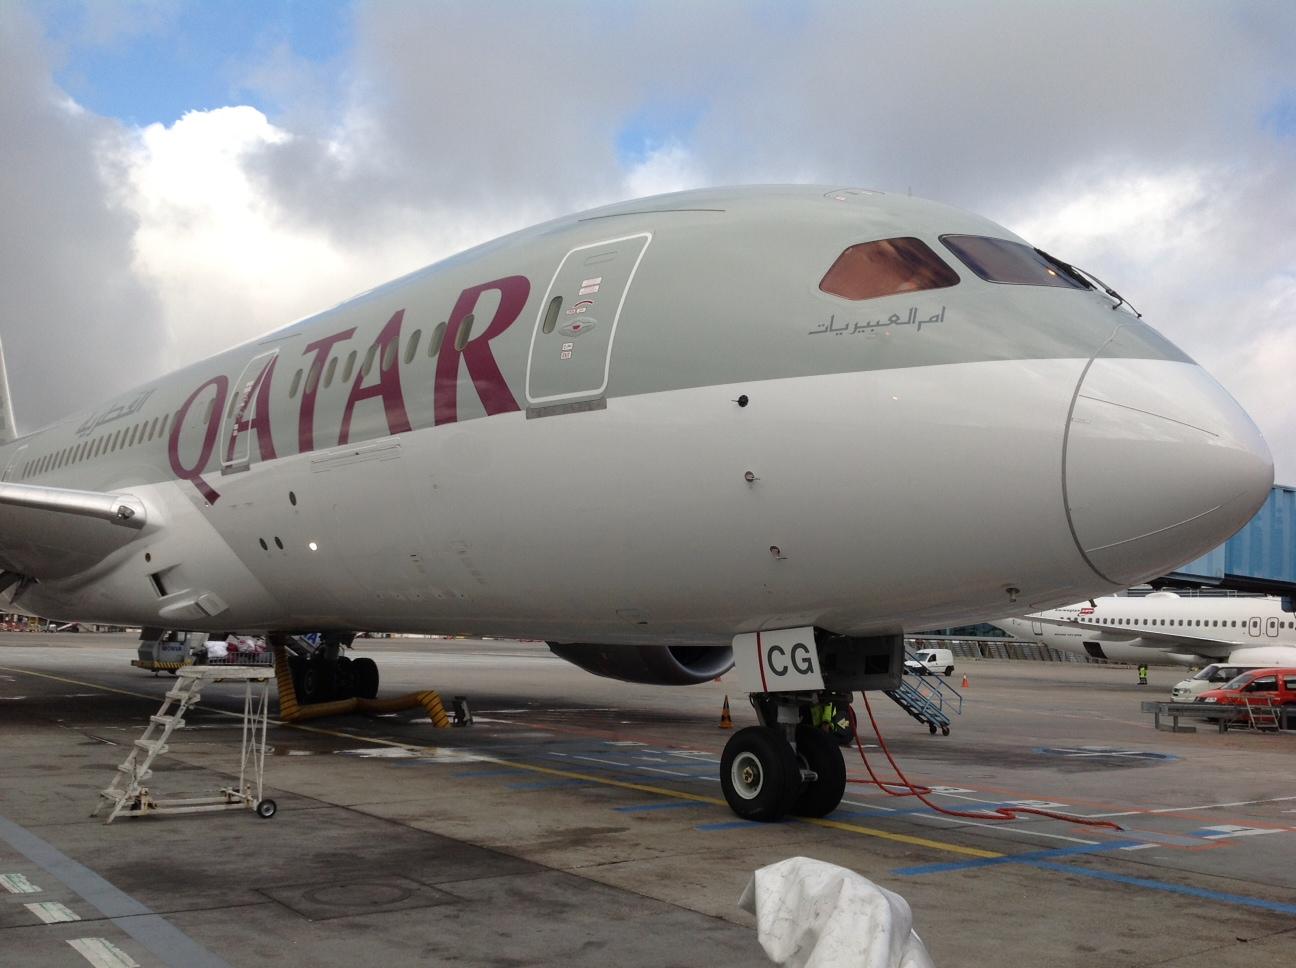 Qatar Airways Boeing Boeing 787 Dreamliner fra Qatar Airways i Københavns Lufthavn. (Foto: Andreas Krog)